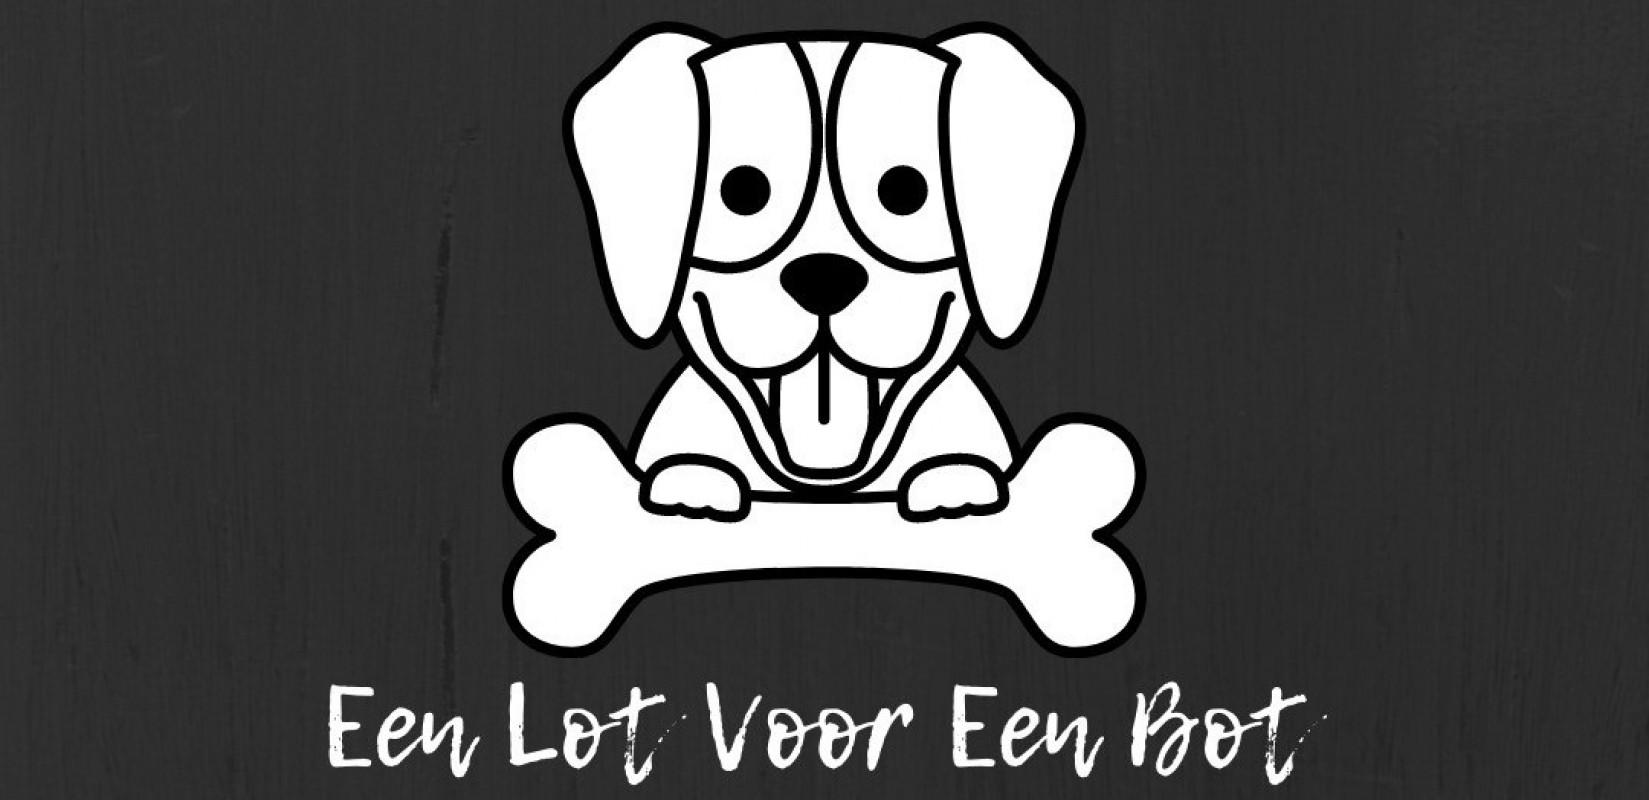 Logo Een Lot Voor Een Bot